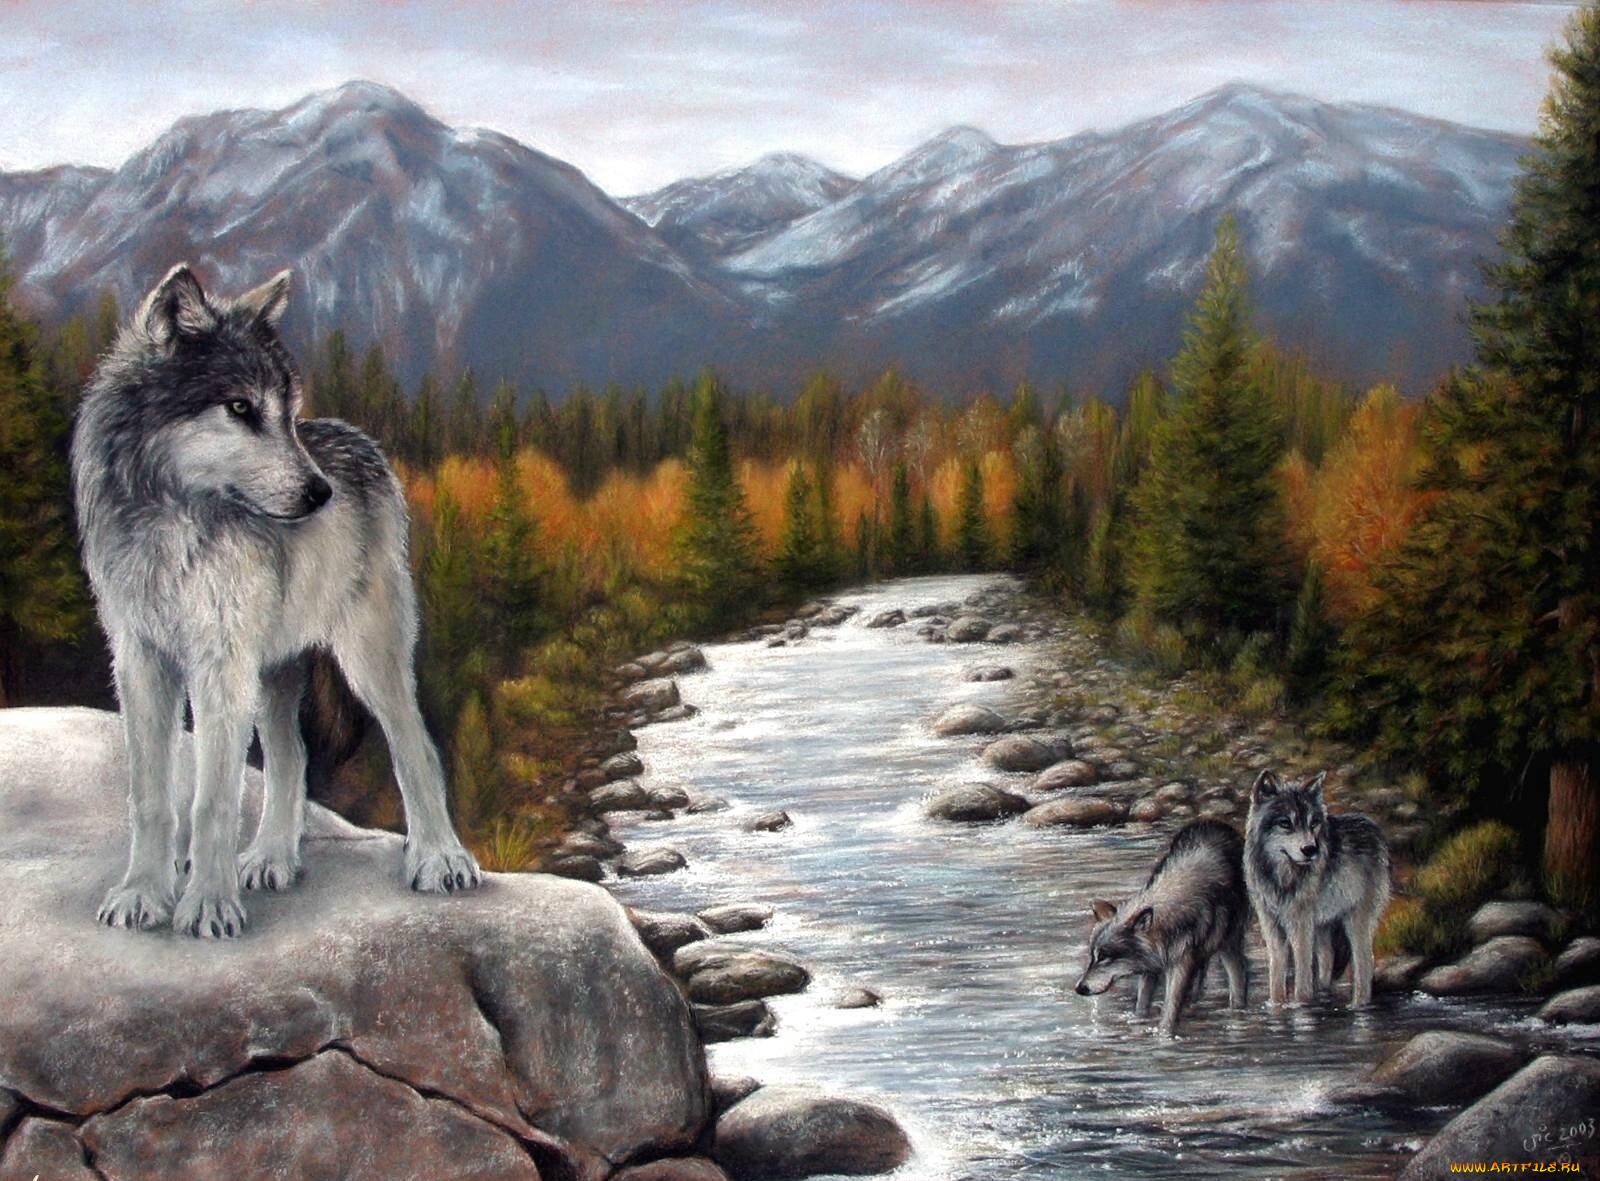 Красивые волки картинки с надписями, разведчика поздравления картинки